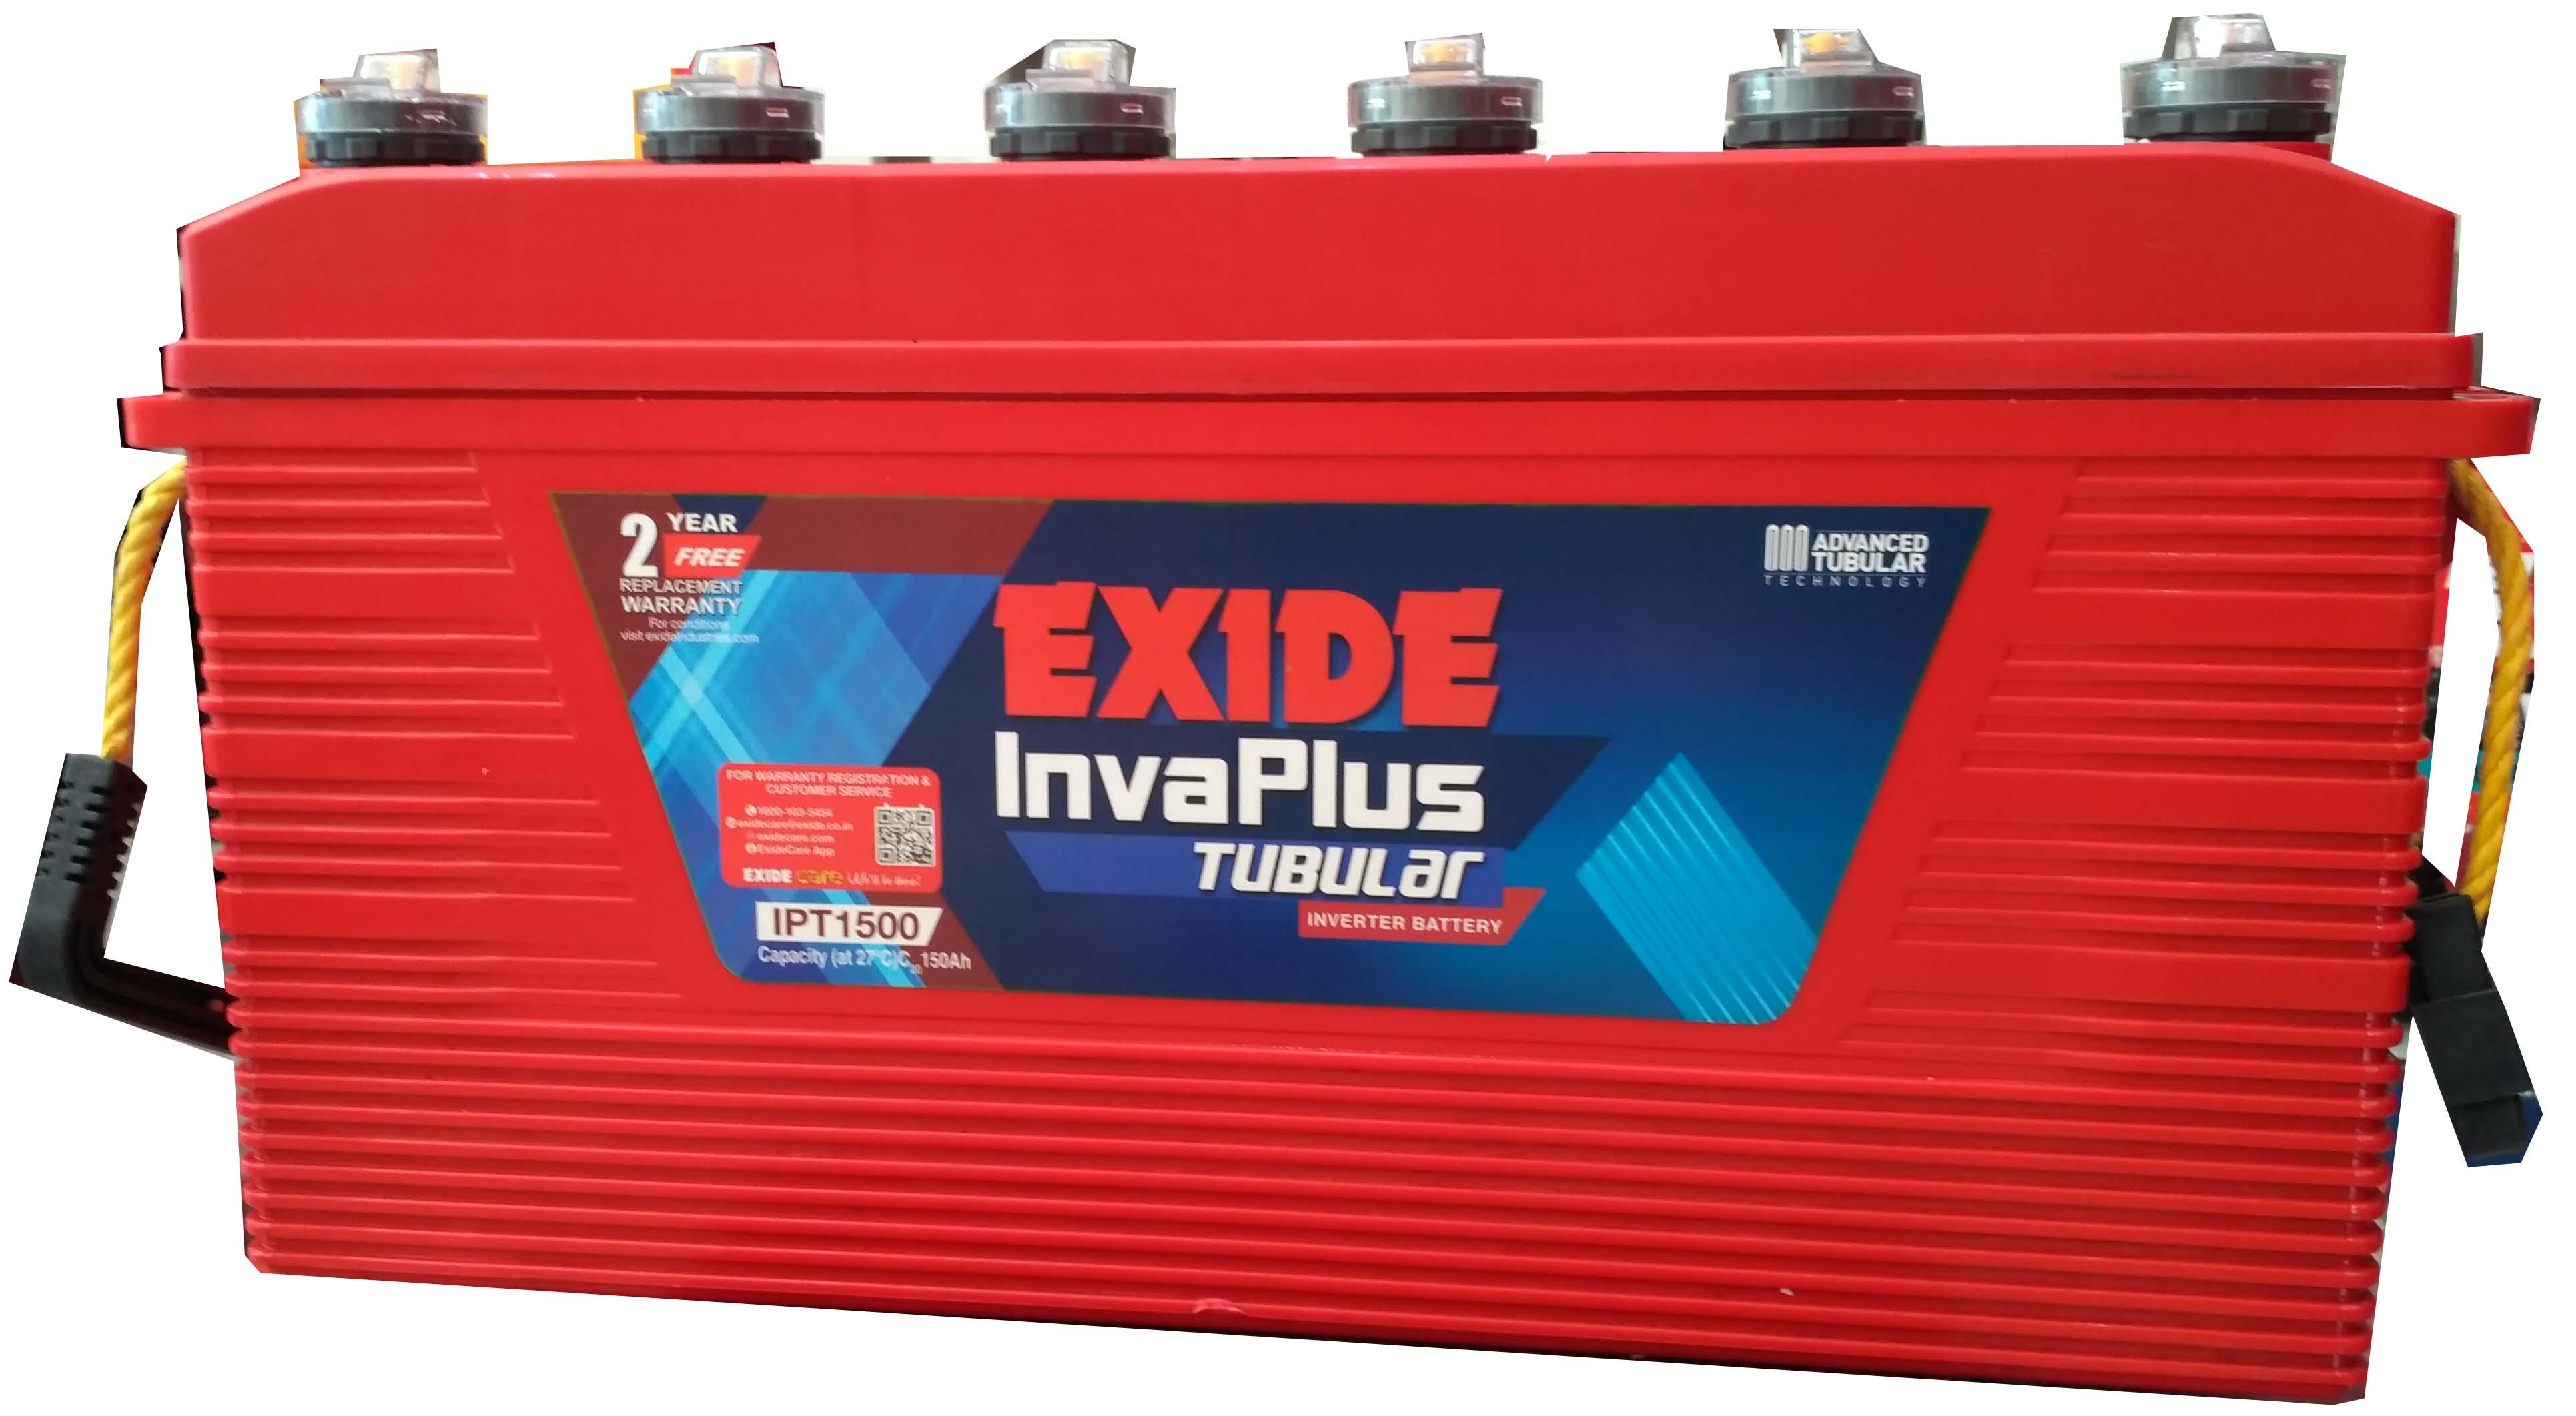 Exide 100 ah Tubular inverter battery